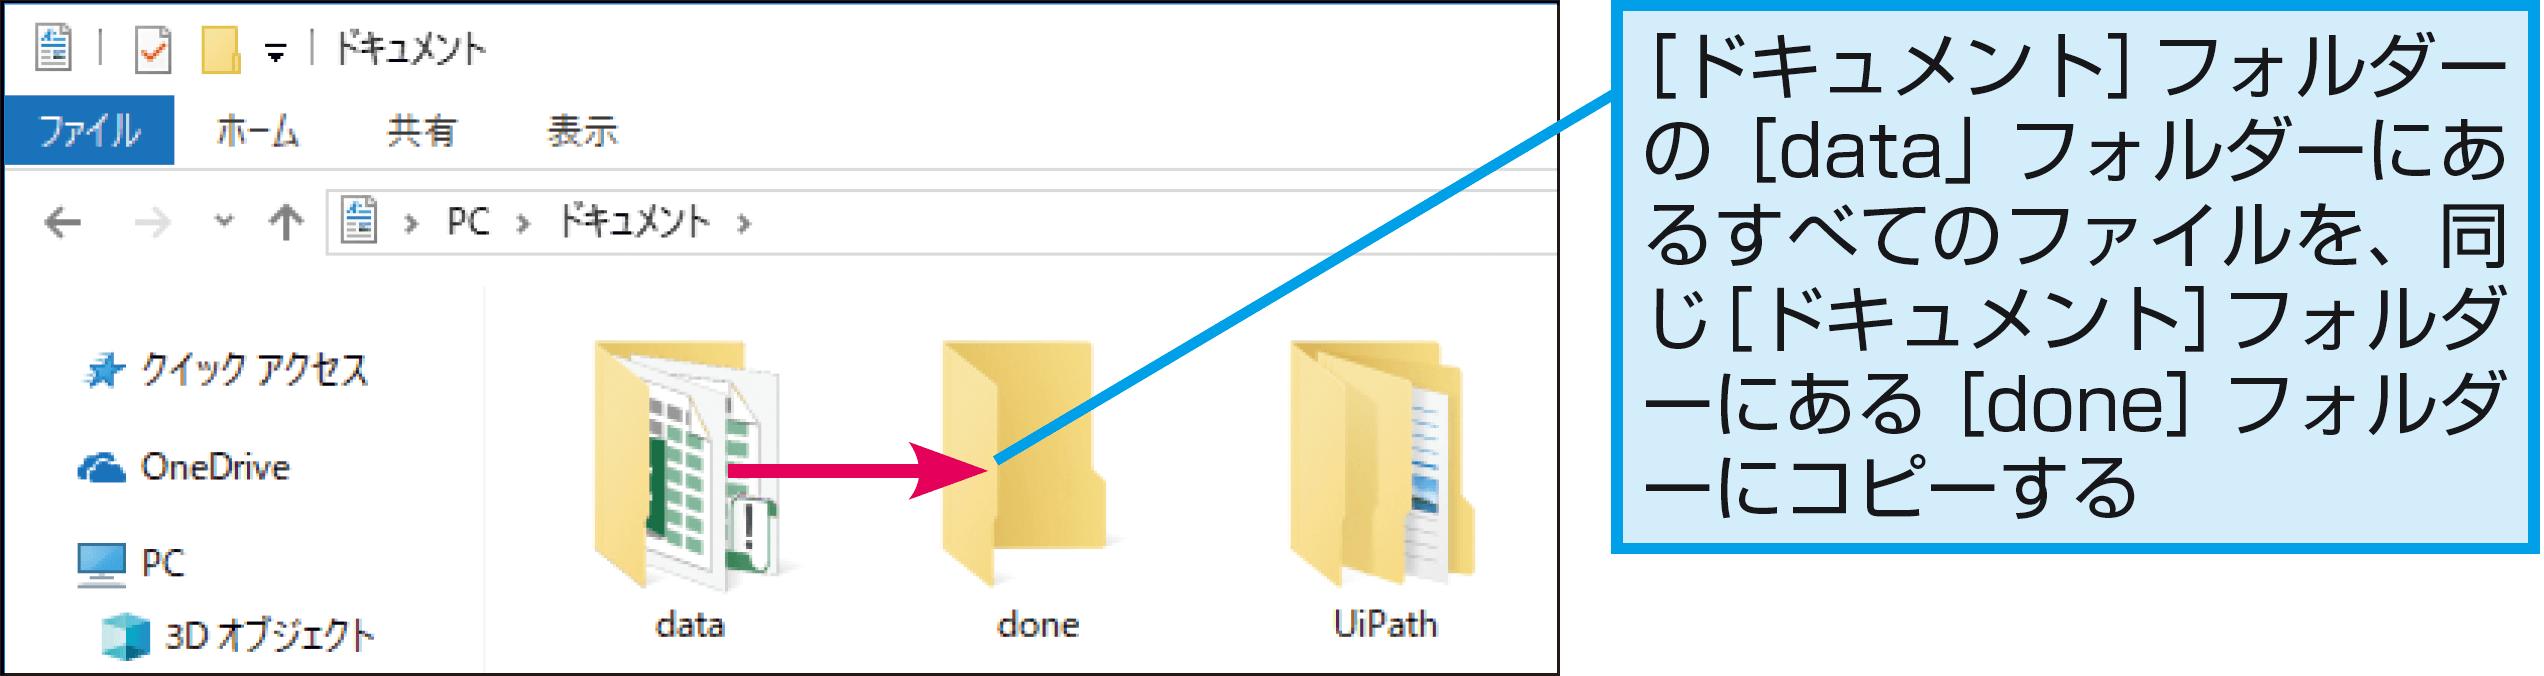 処理が終わったファイルをフォルダーに移動するには(ファイルの移動) - できるUiPath